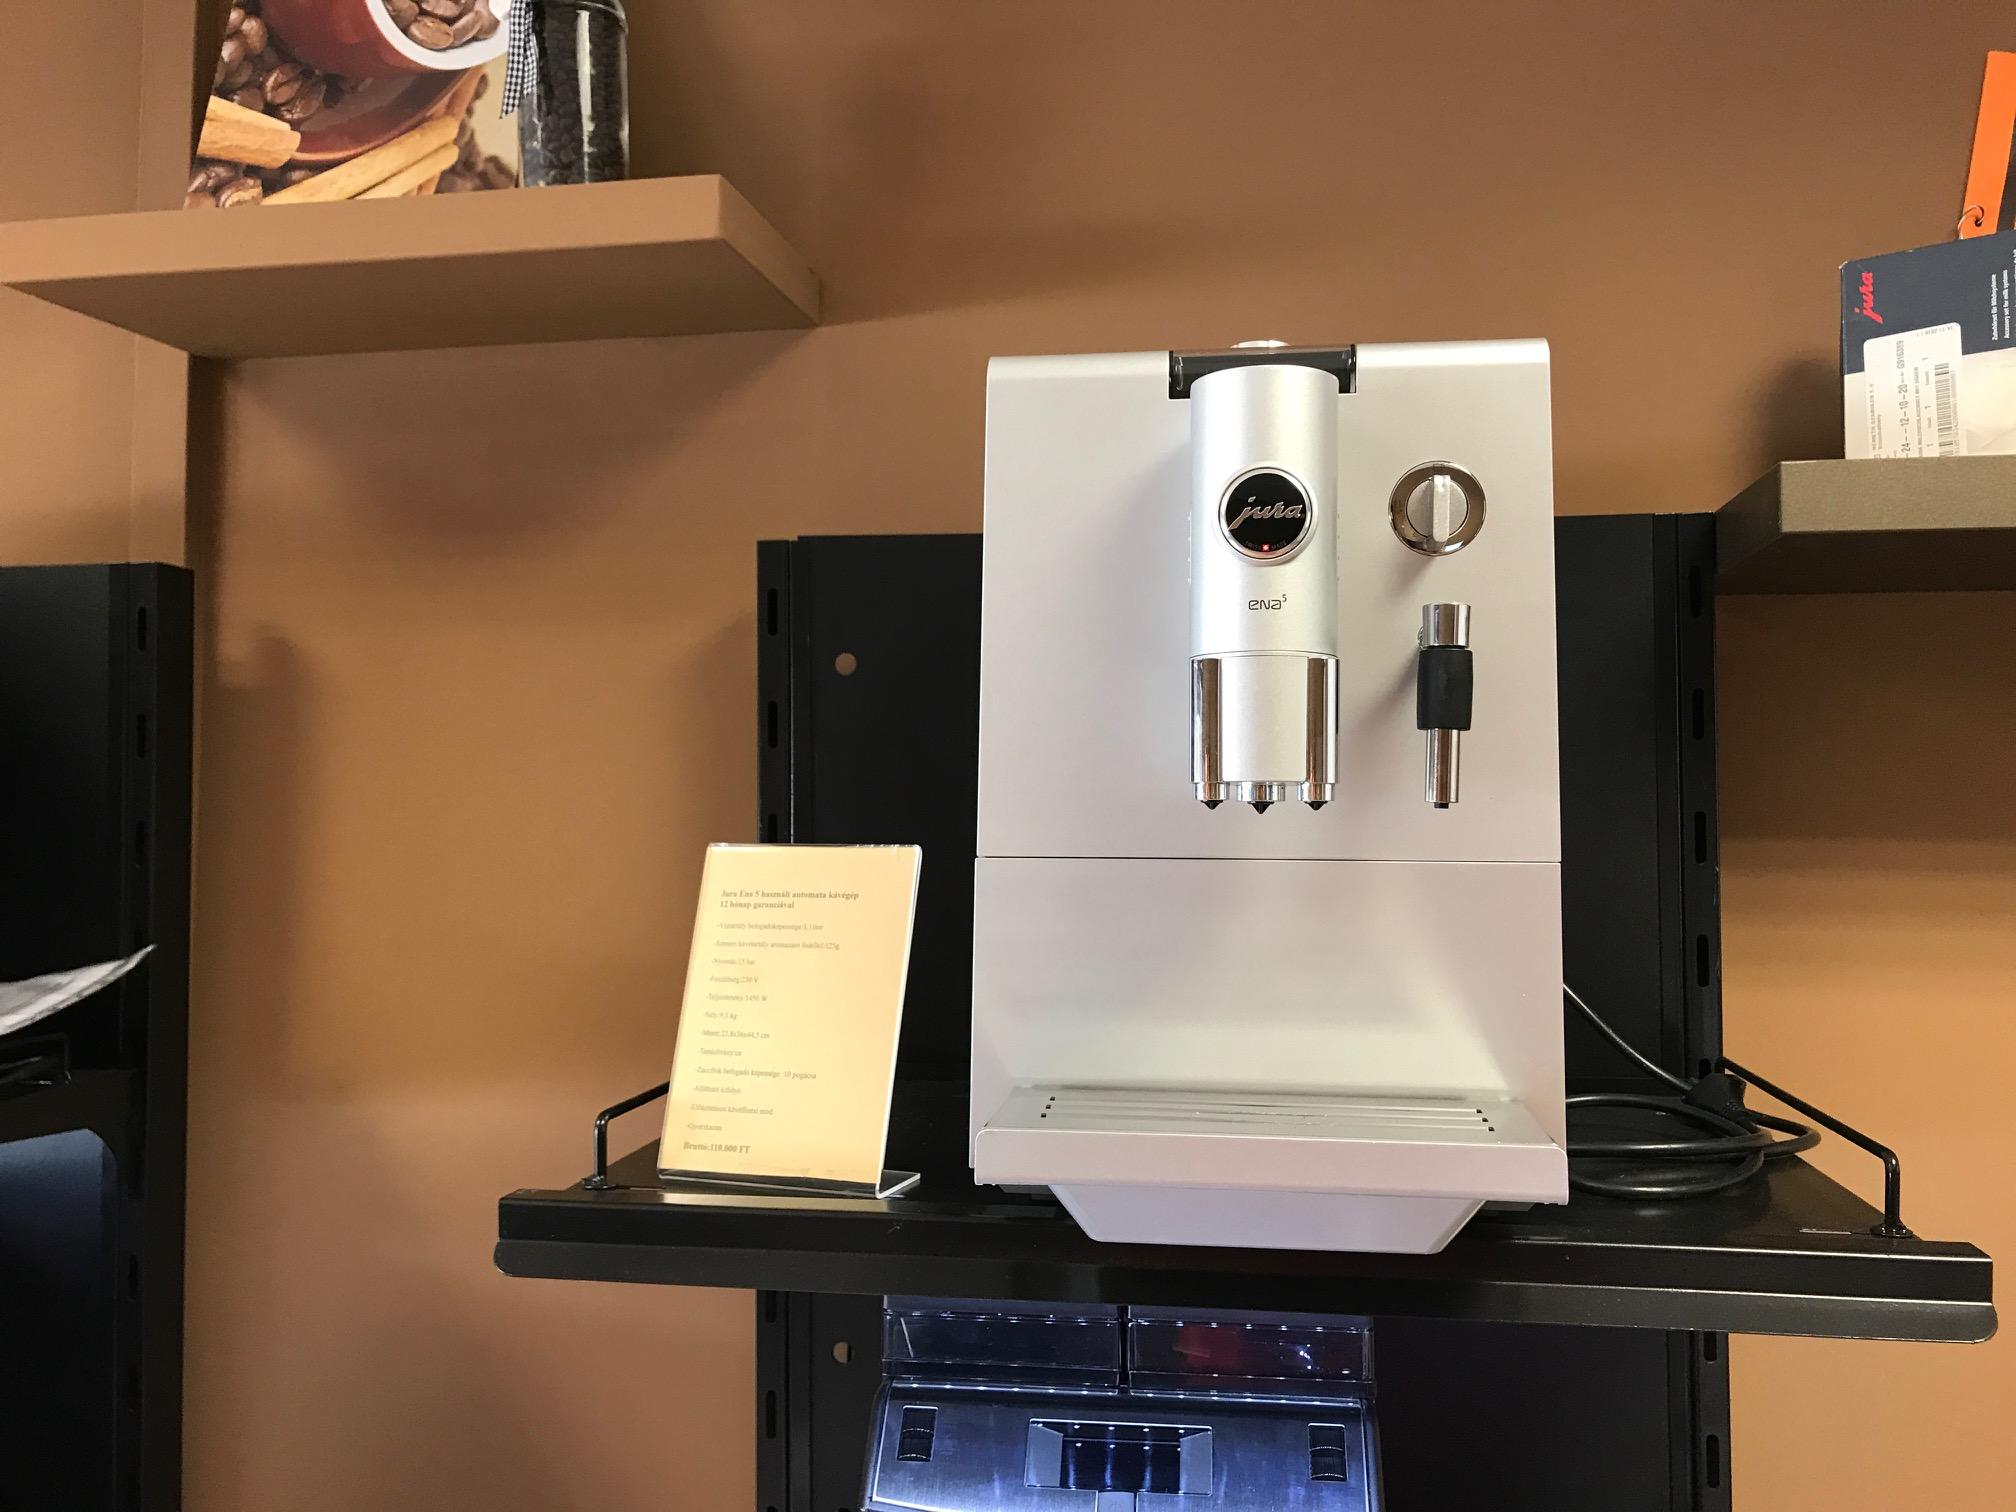 Jura Ena 5 felújított kávégép 12 hónap garanciával